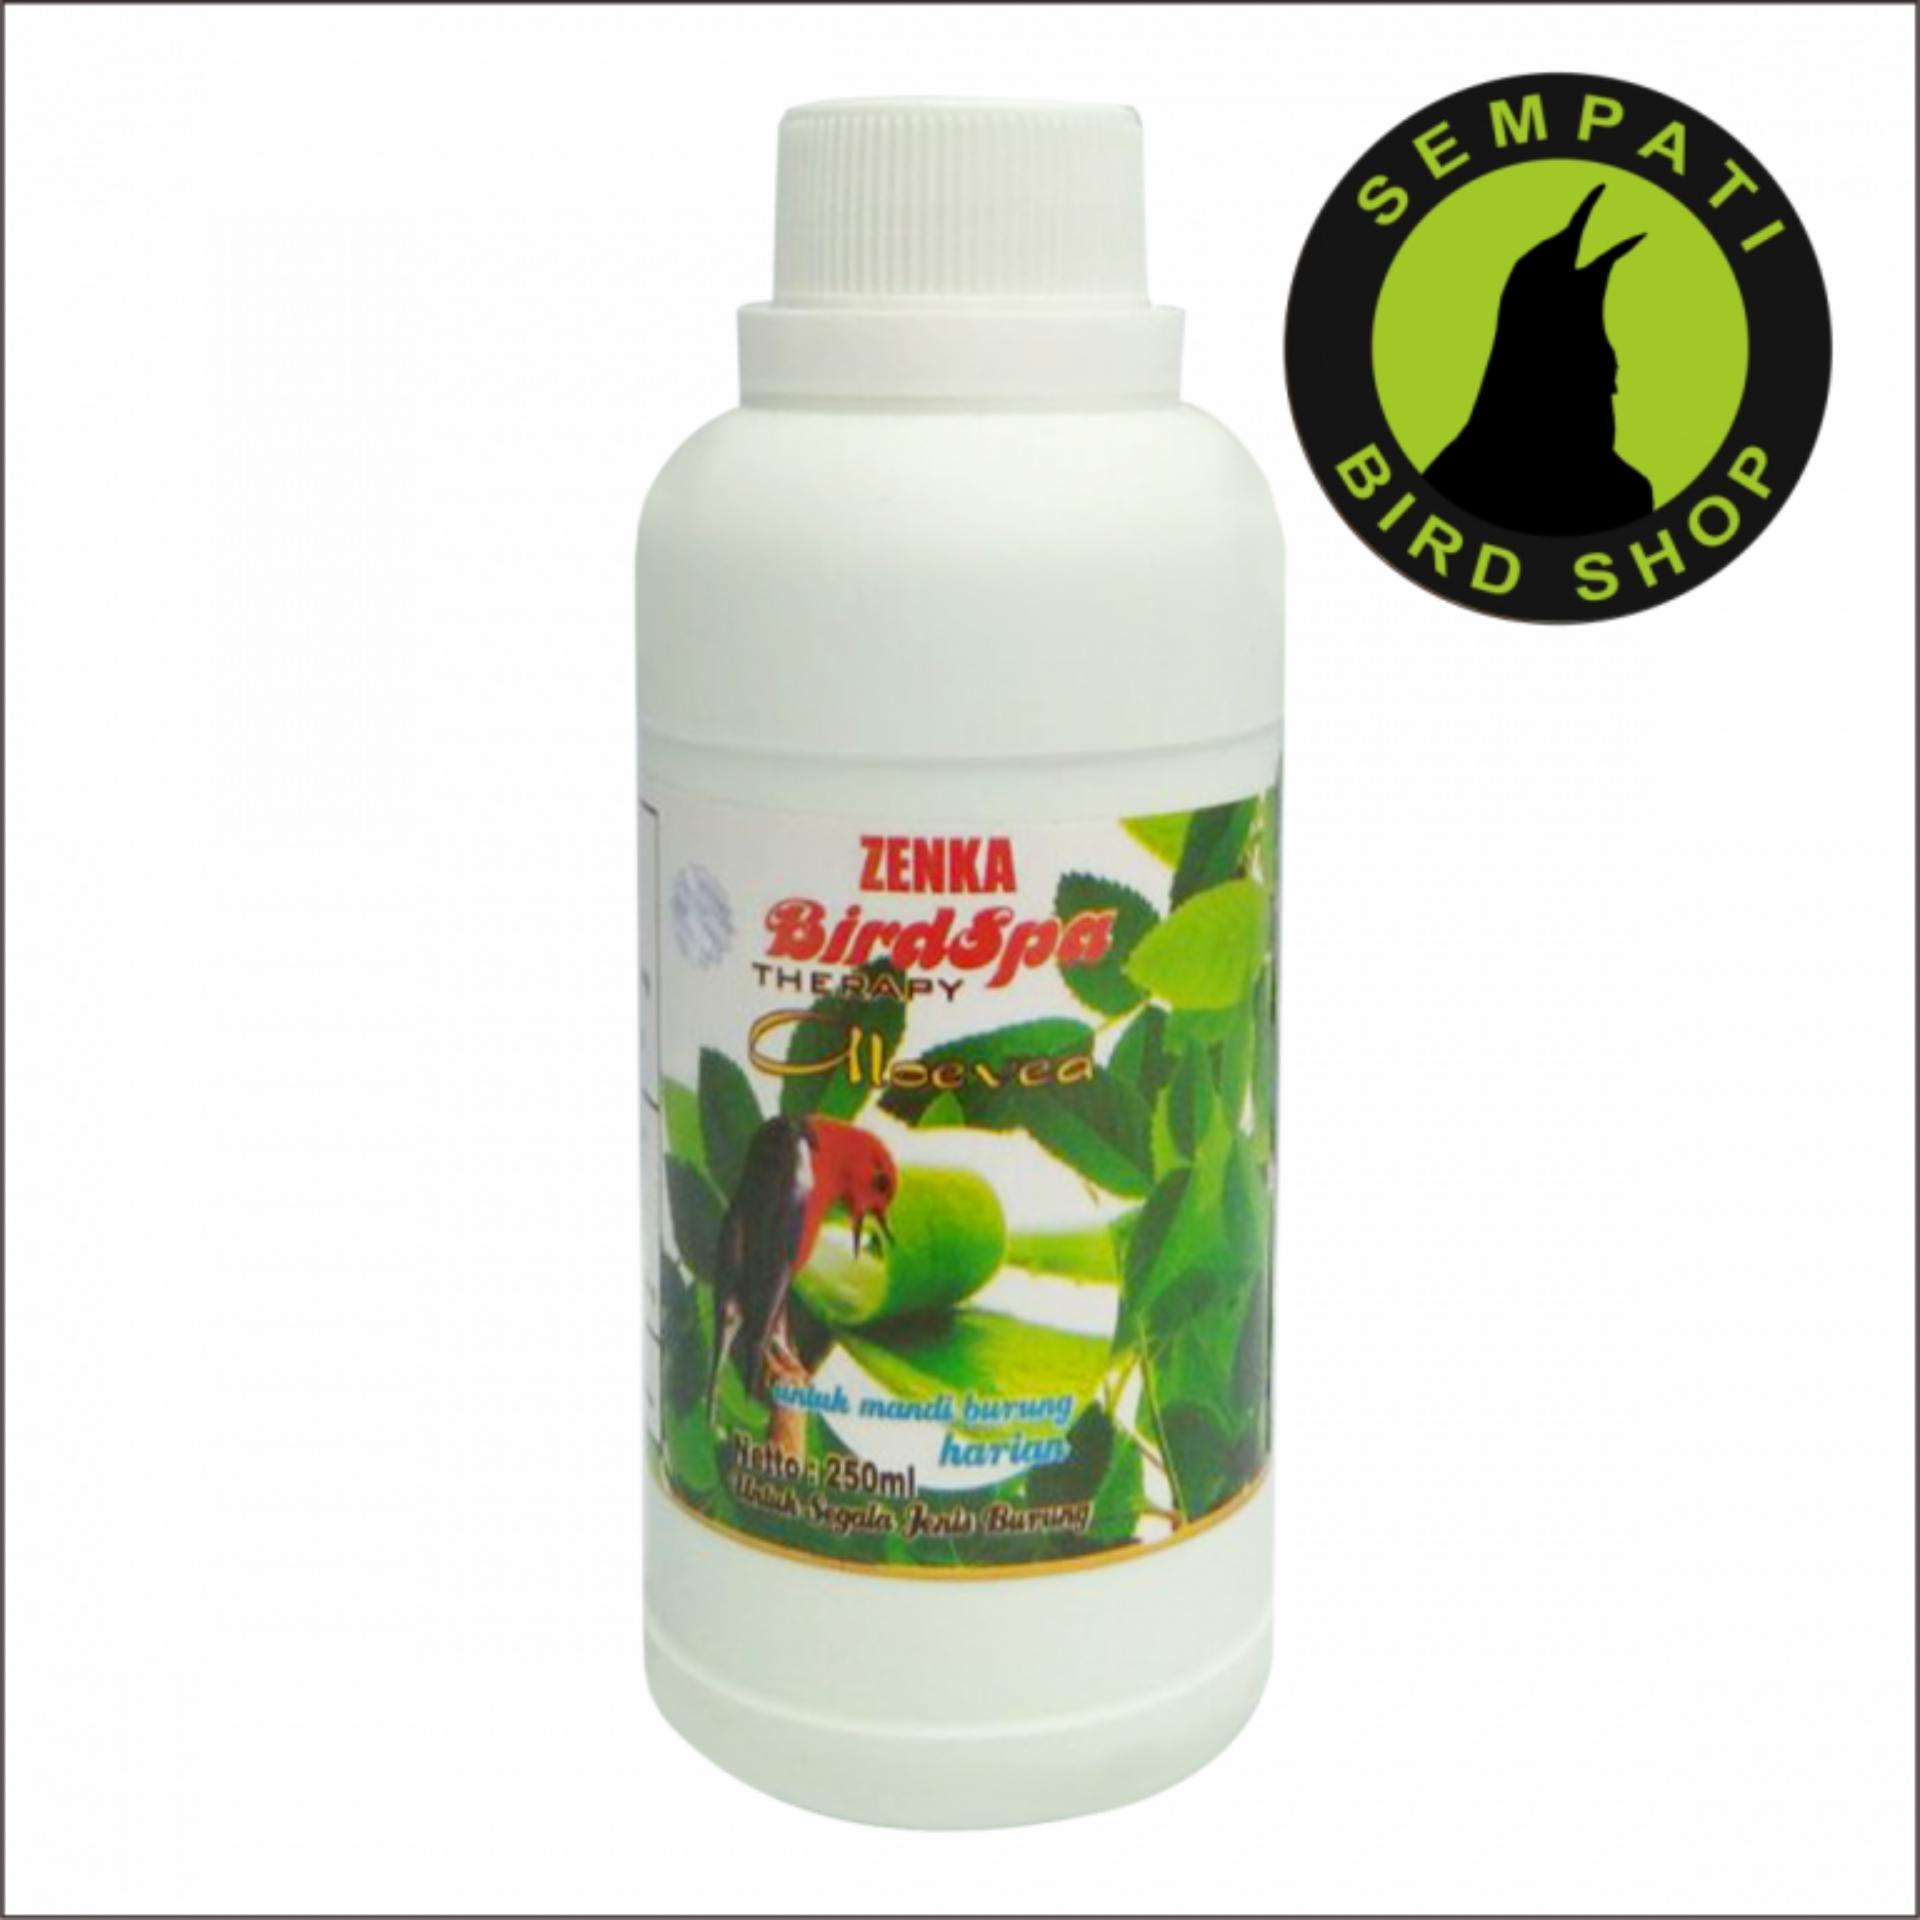 Zenka Bird Spa Alami Bird Care Obat Shampo Burung Pembasmi Kutu